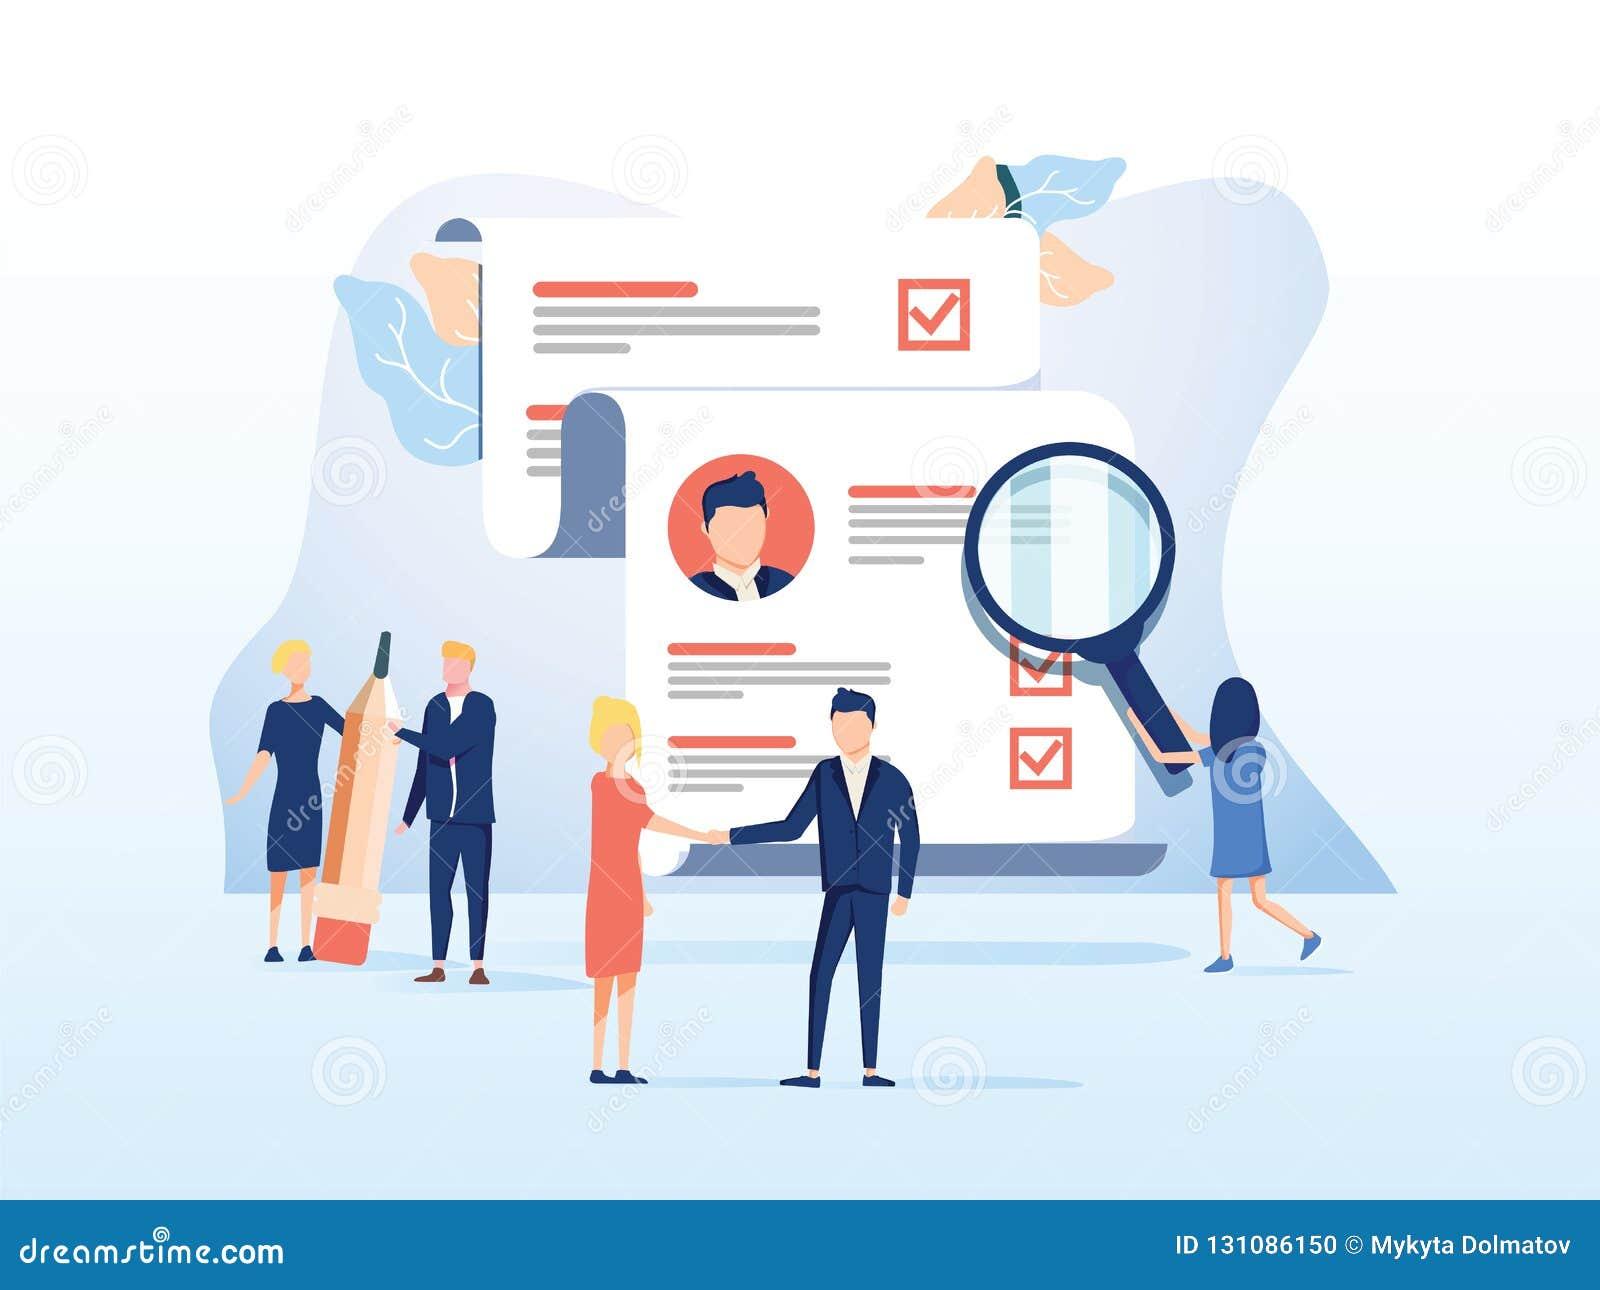 Personeel, Rekruteringsconcept voor webpagina, sociale media De vectorillustratiemensen selecteren een samenvatting voor een baan